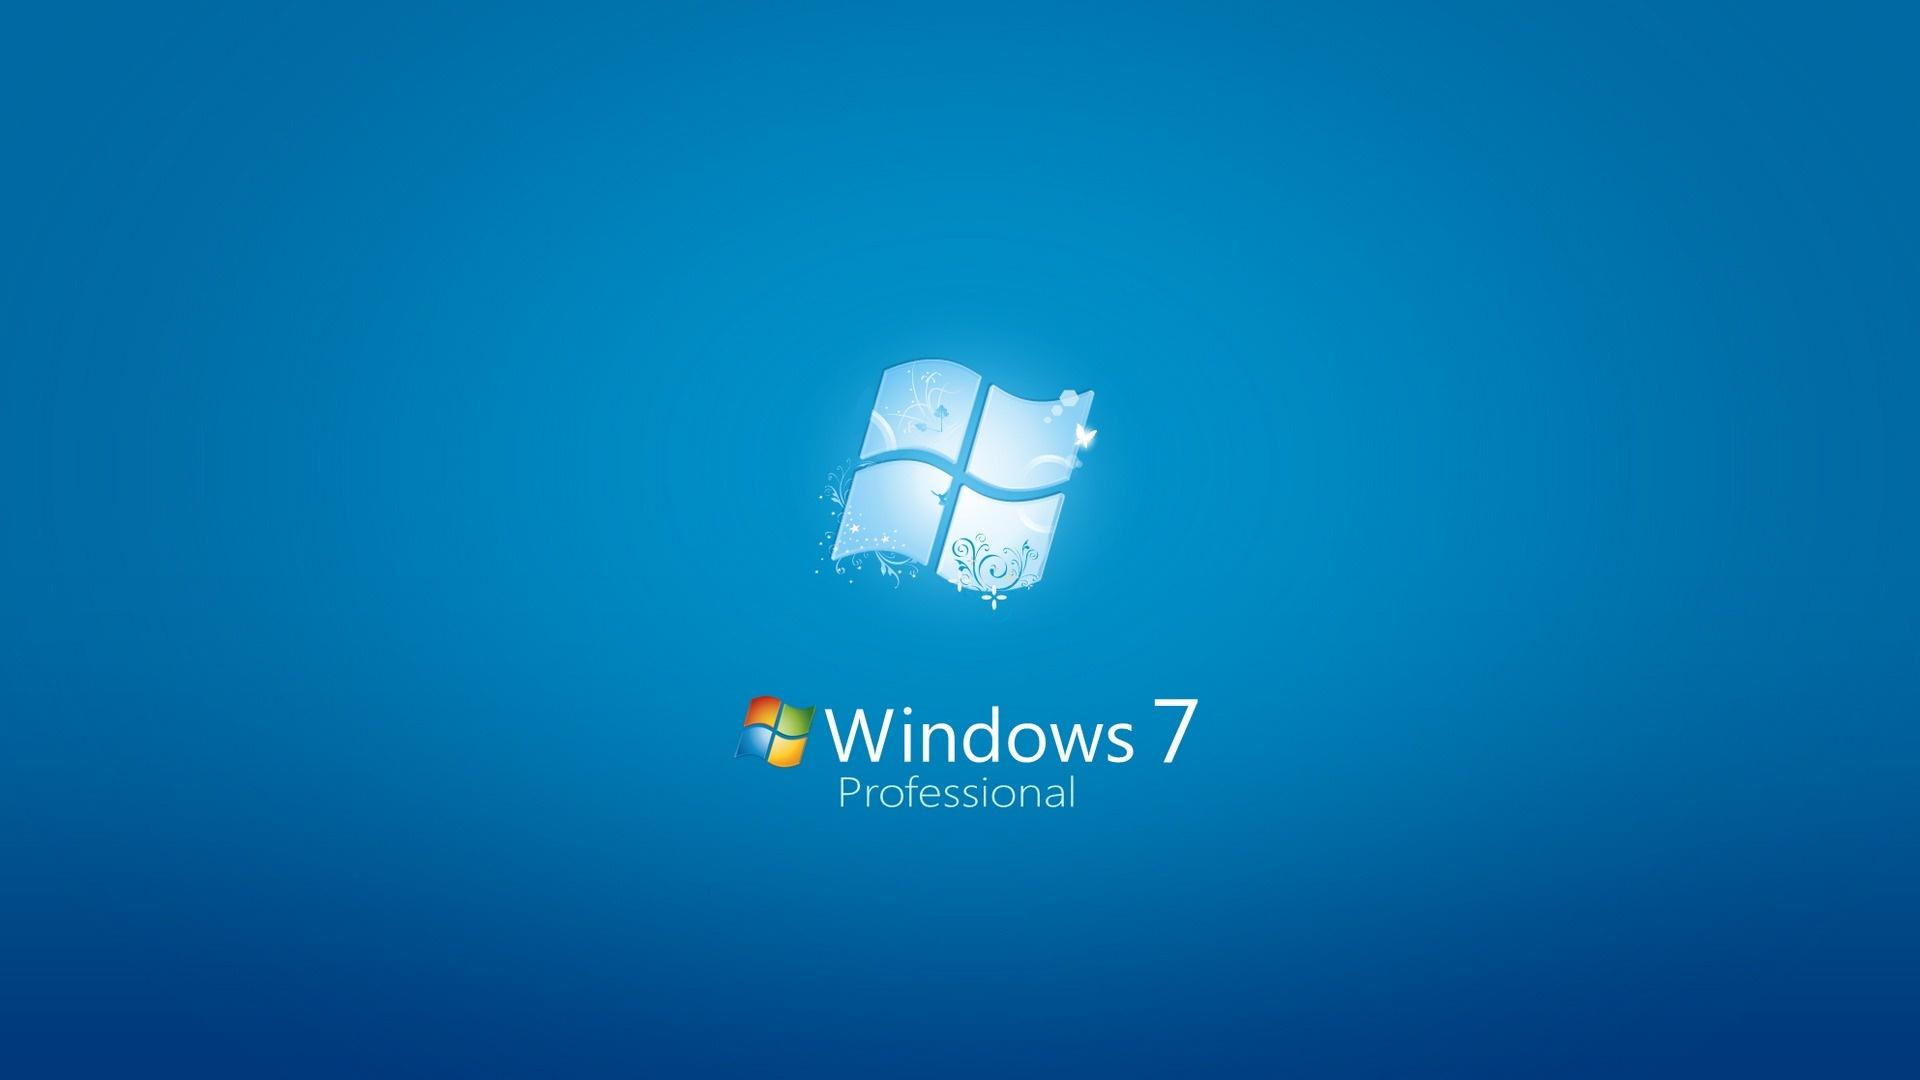 نسخه 64 بیتی سرویس پک 1 ویندوز هفت